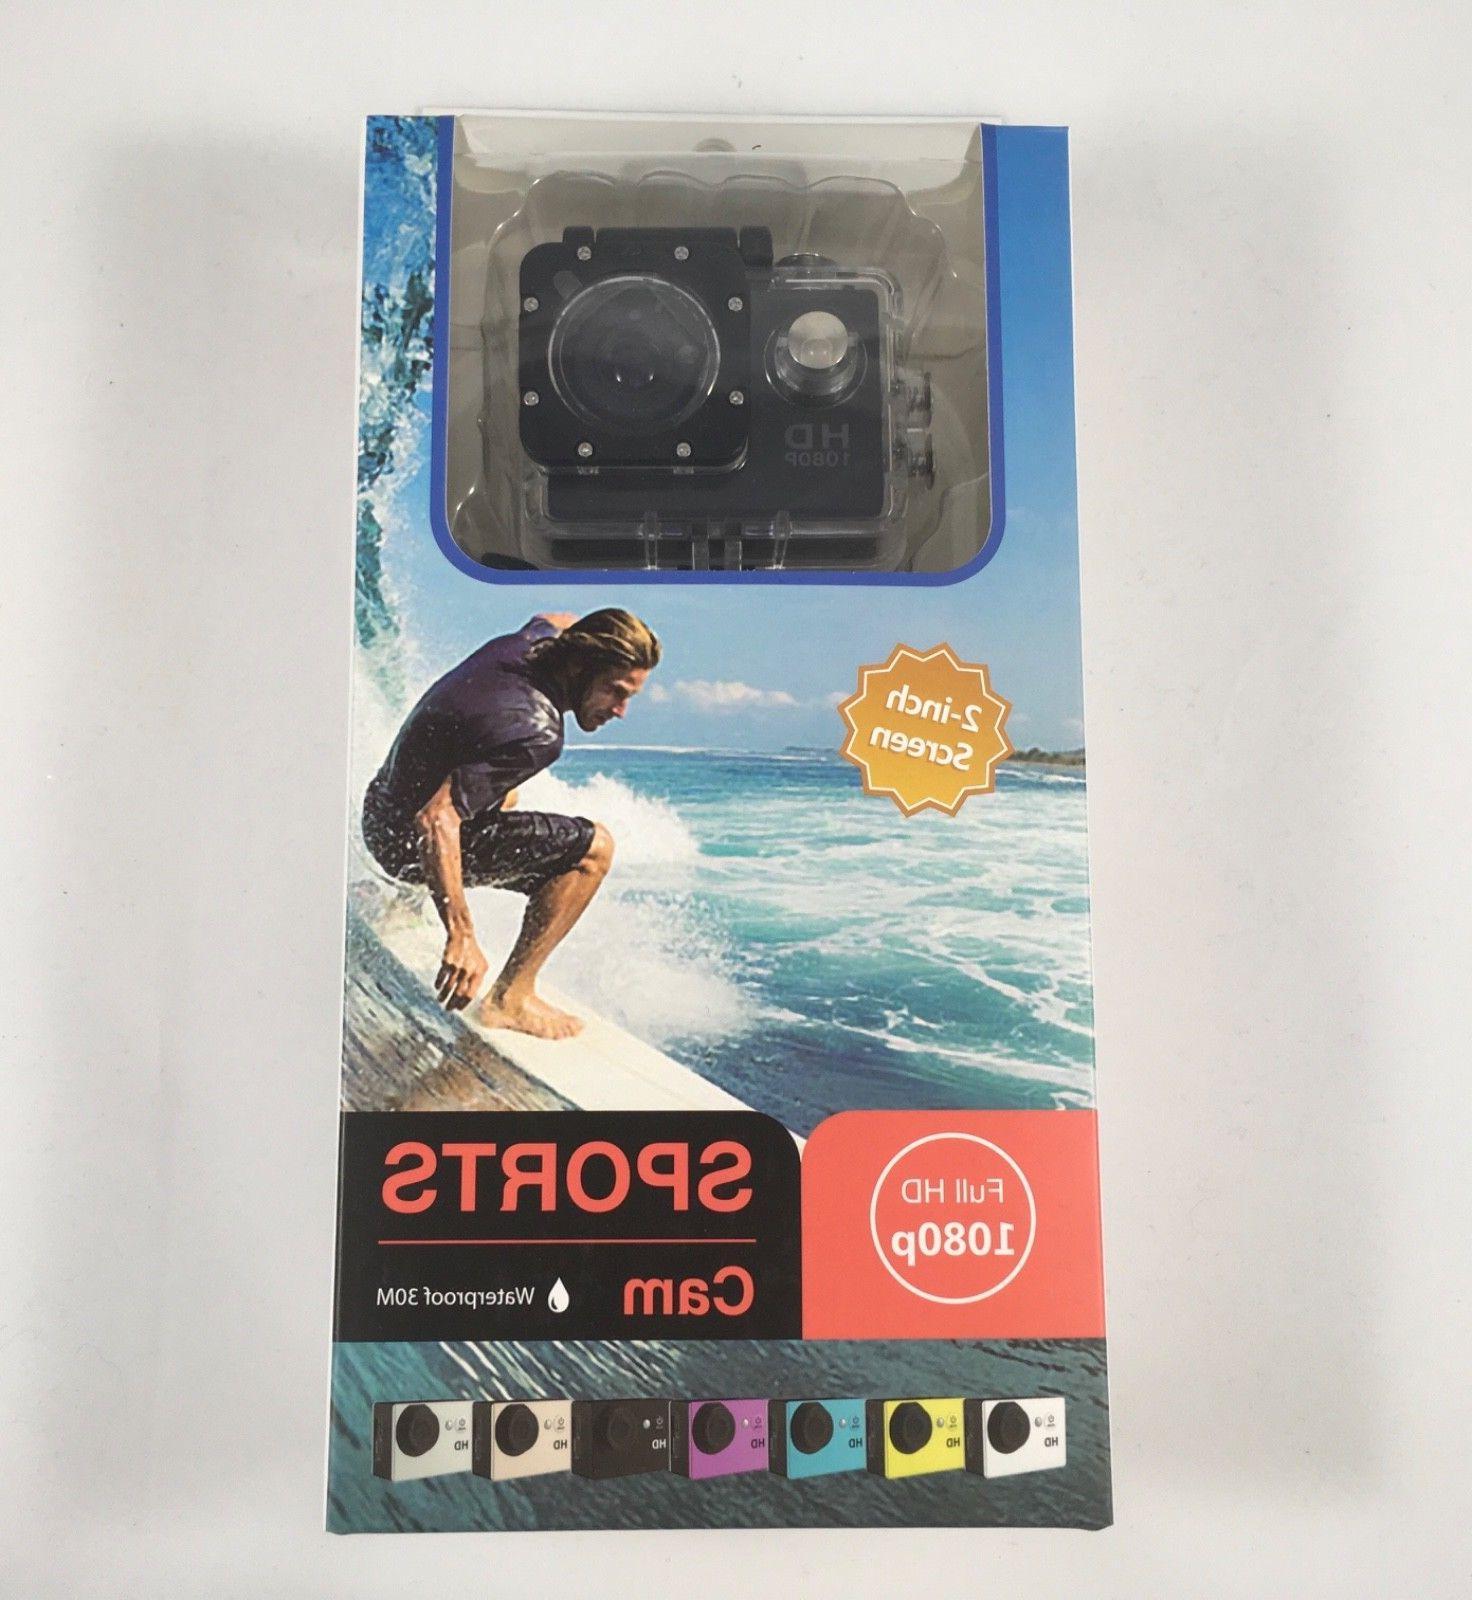 1080p Action Camera helmet camera mount